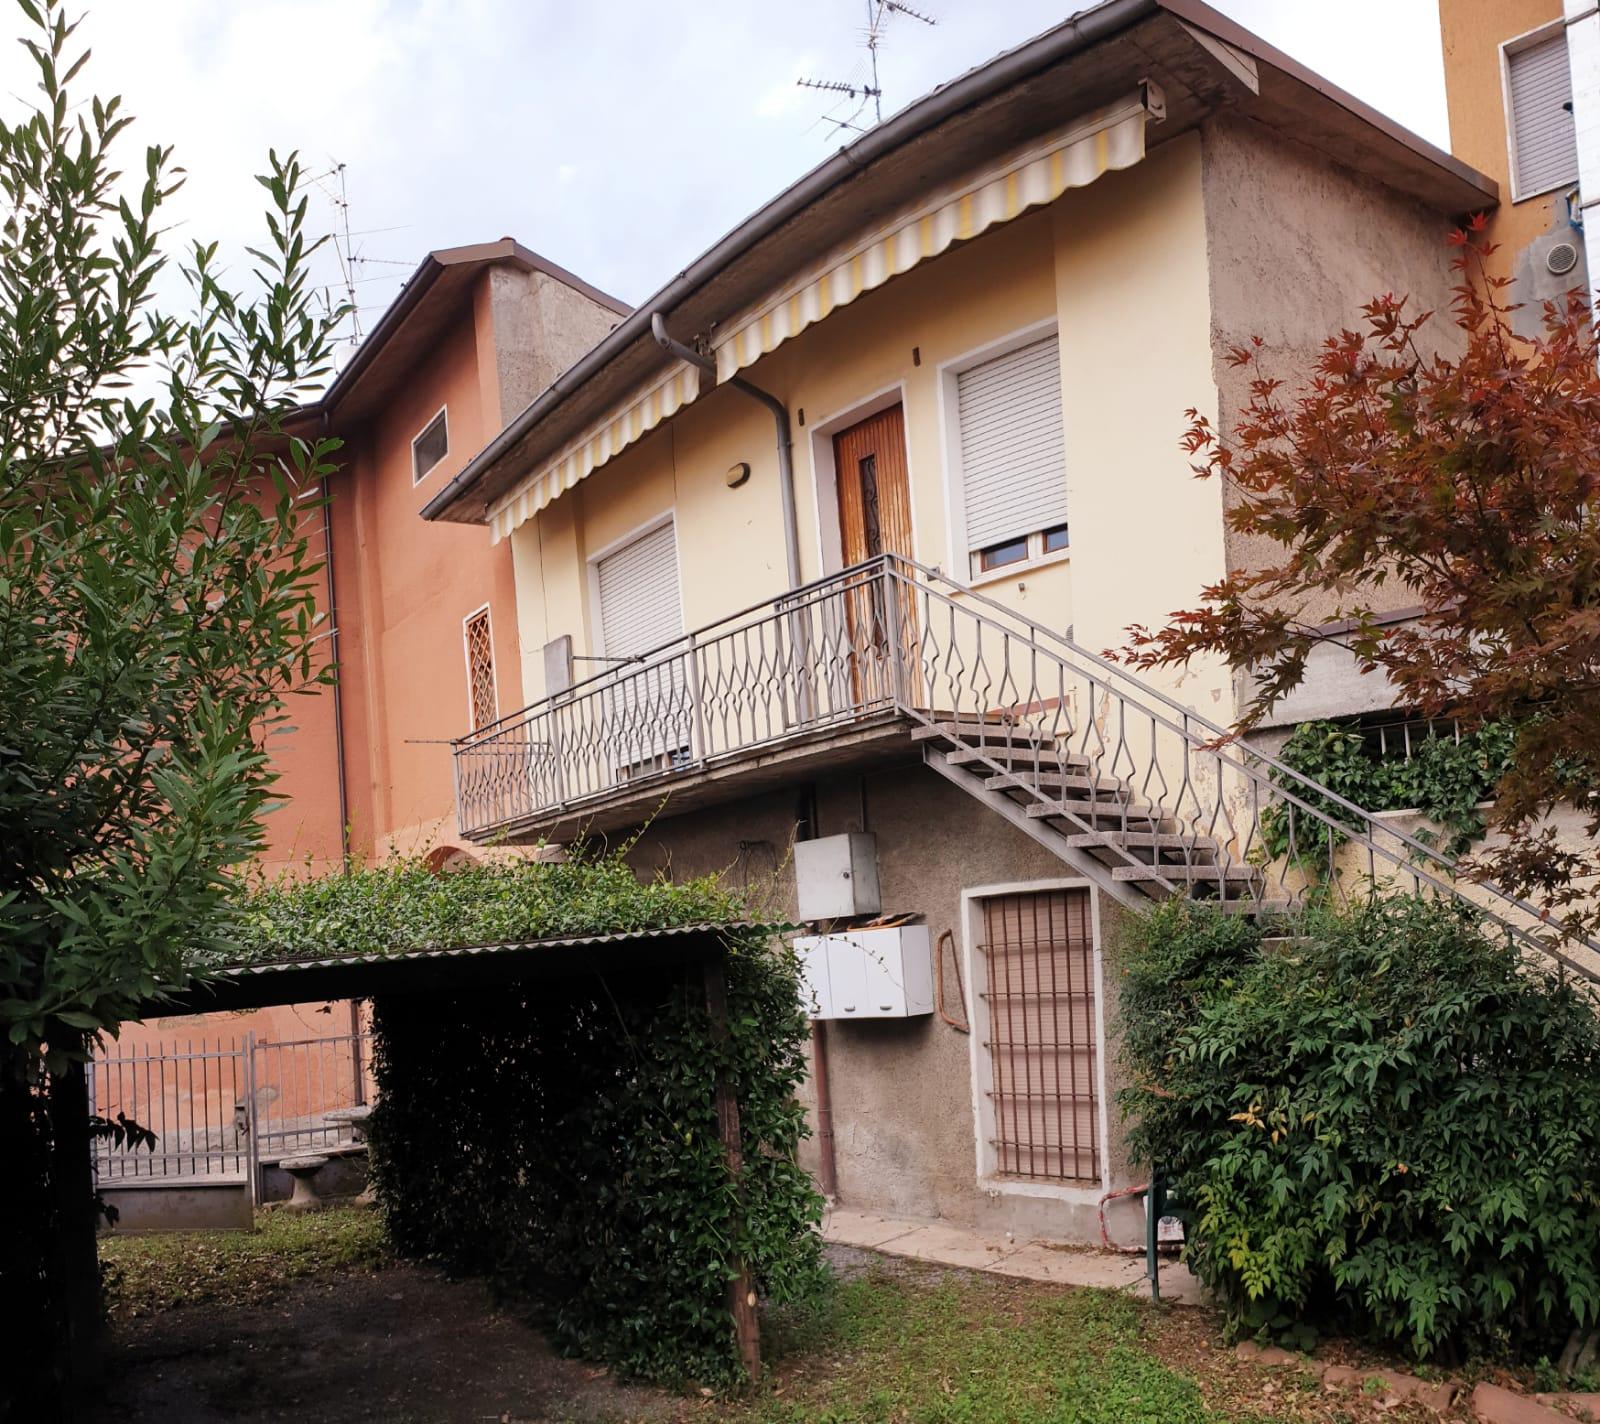 Soluzione Indipendente in vendita a Ospitaletto, 4 locali, prezzo € 128.500   PortaleAgenzieImmobiliari.it